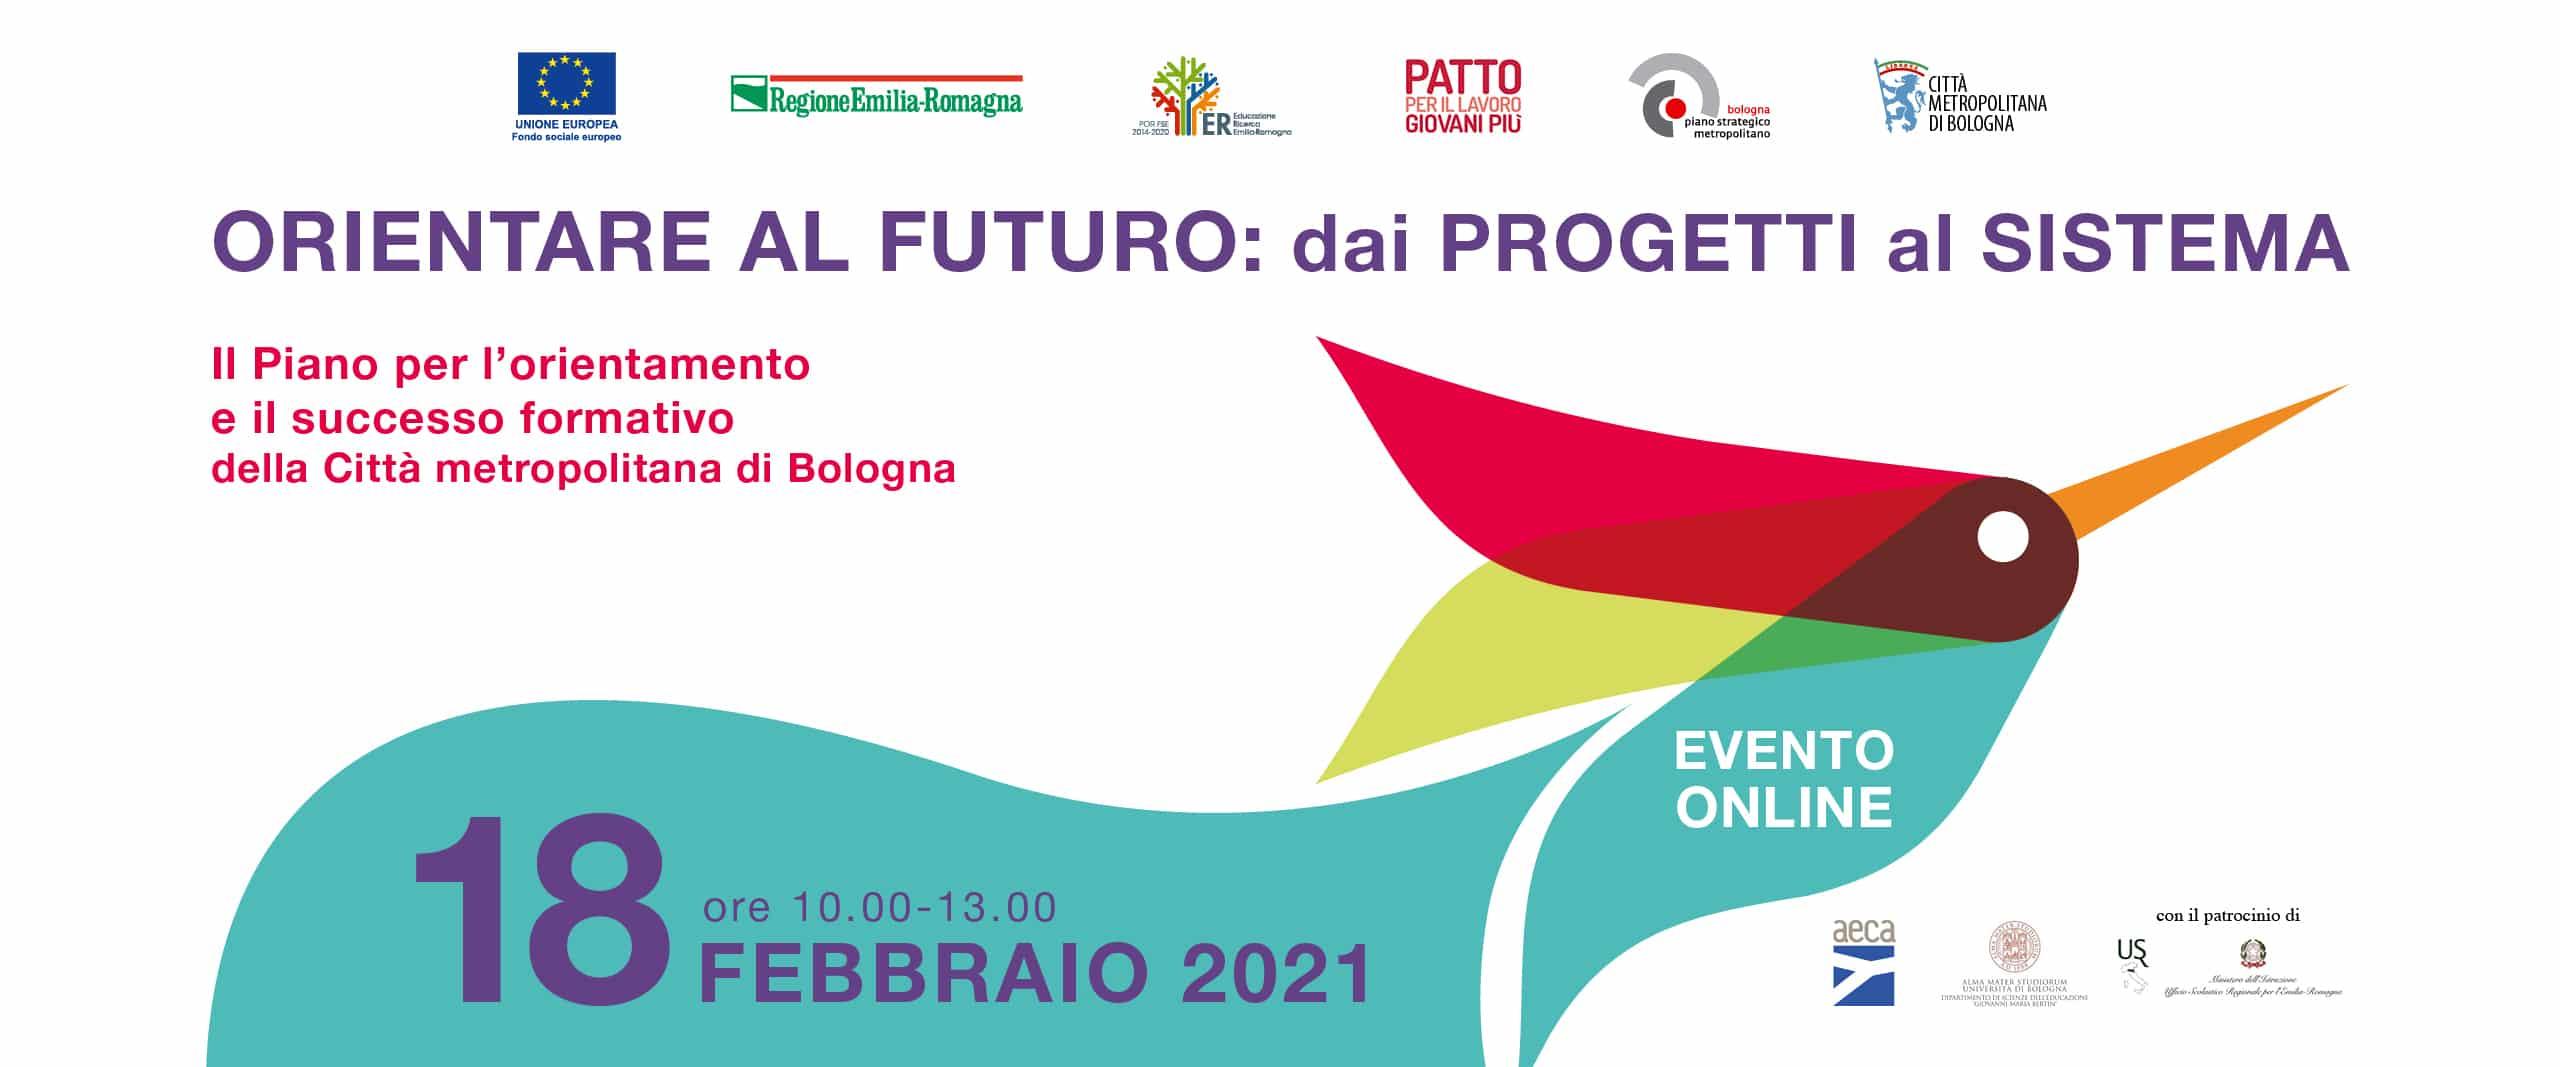 """""""Orientare al futuro: dai progetti al sistema"""" – Il Piano per l'orientamento e il successo formativo della Città metropolitana di Bologna"""